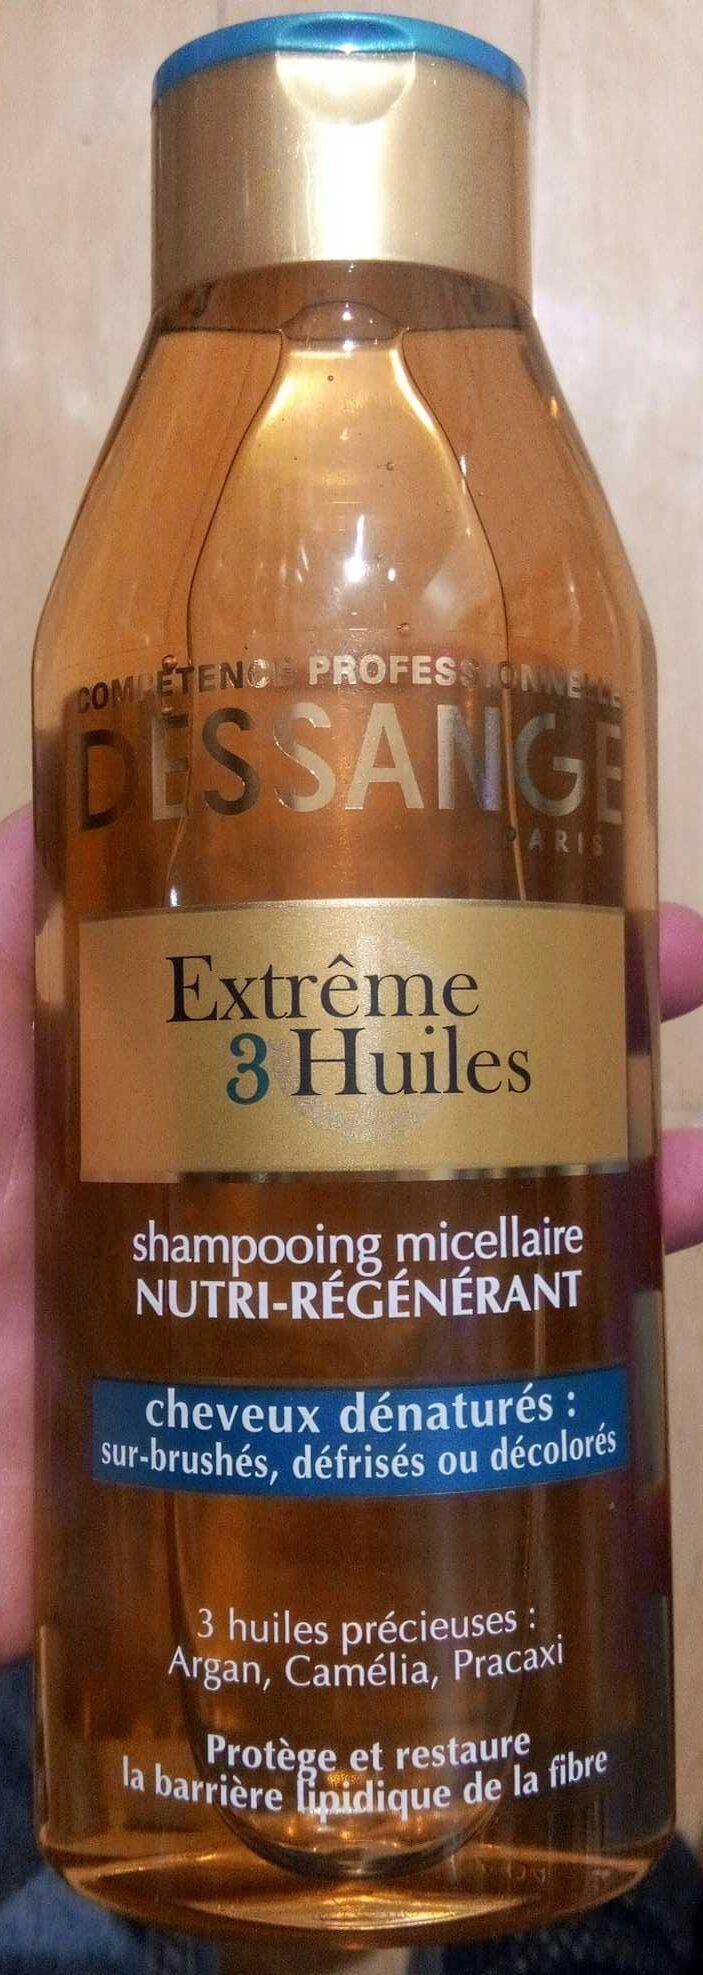 Shampooing micellaire nutri-regénérant cheveux dénaturés - Product - fr